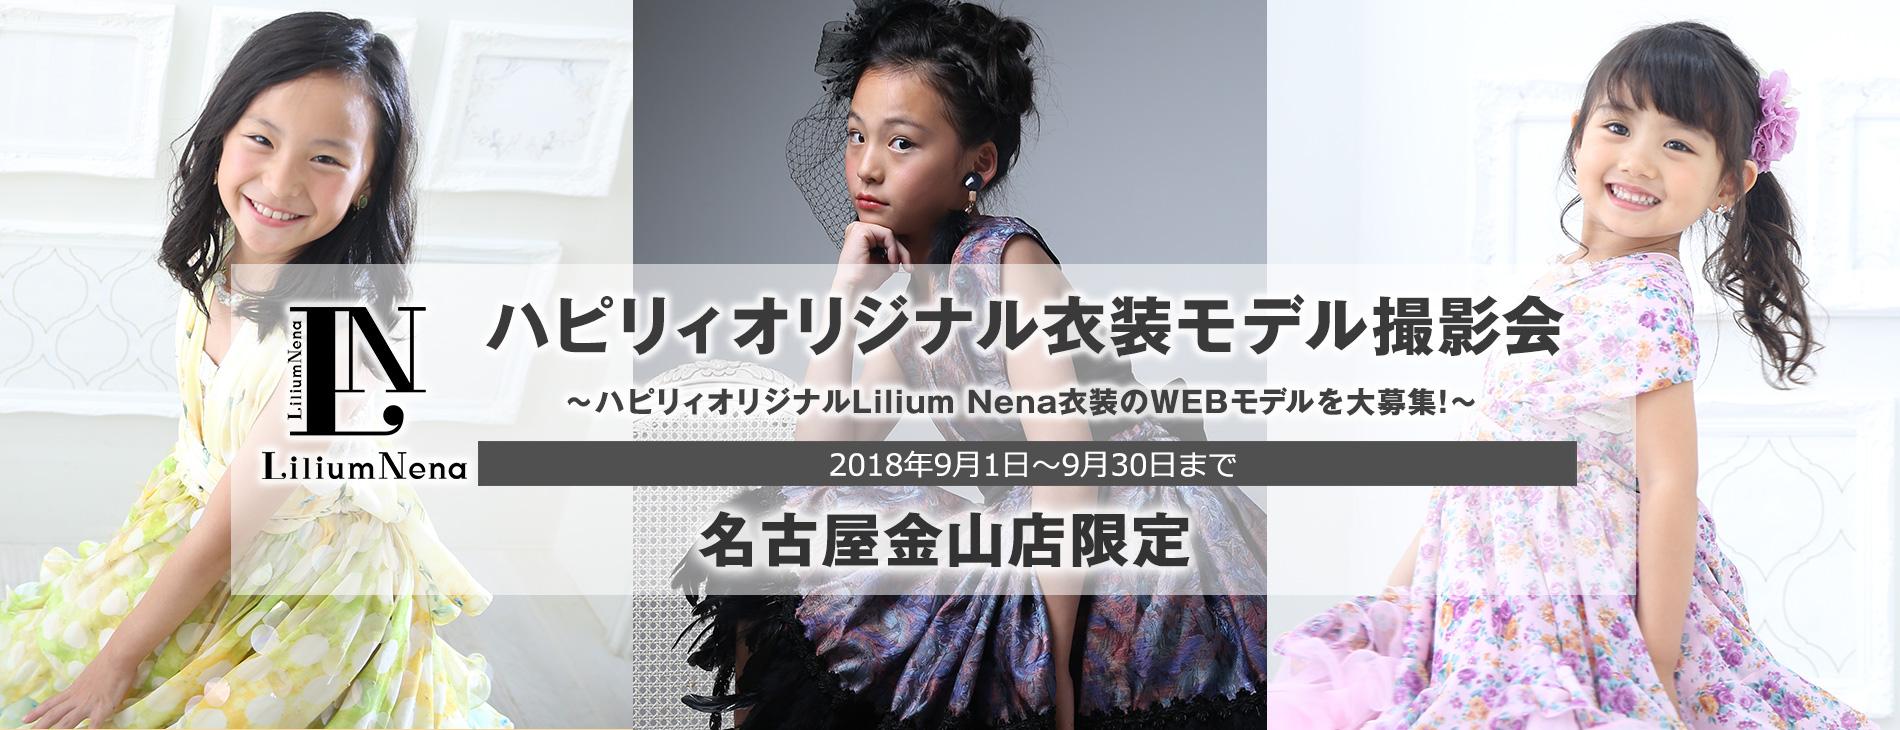 ハピリィオリジナル衣装モデル撮影会